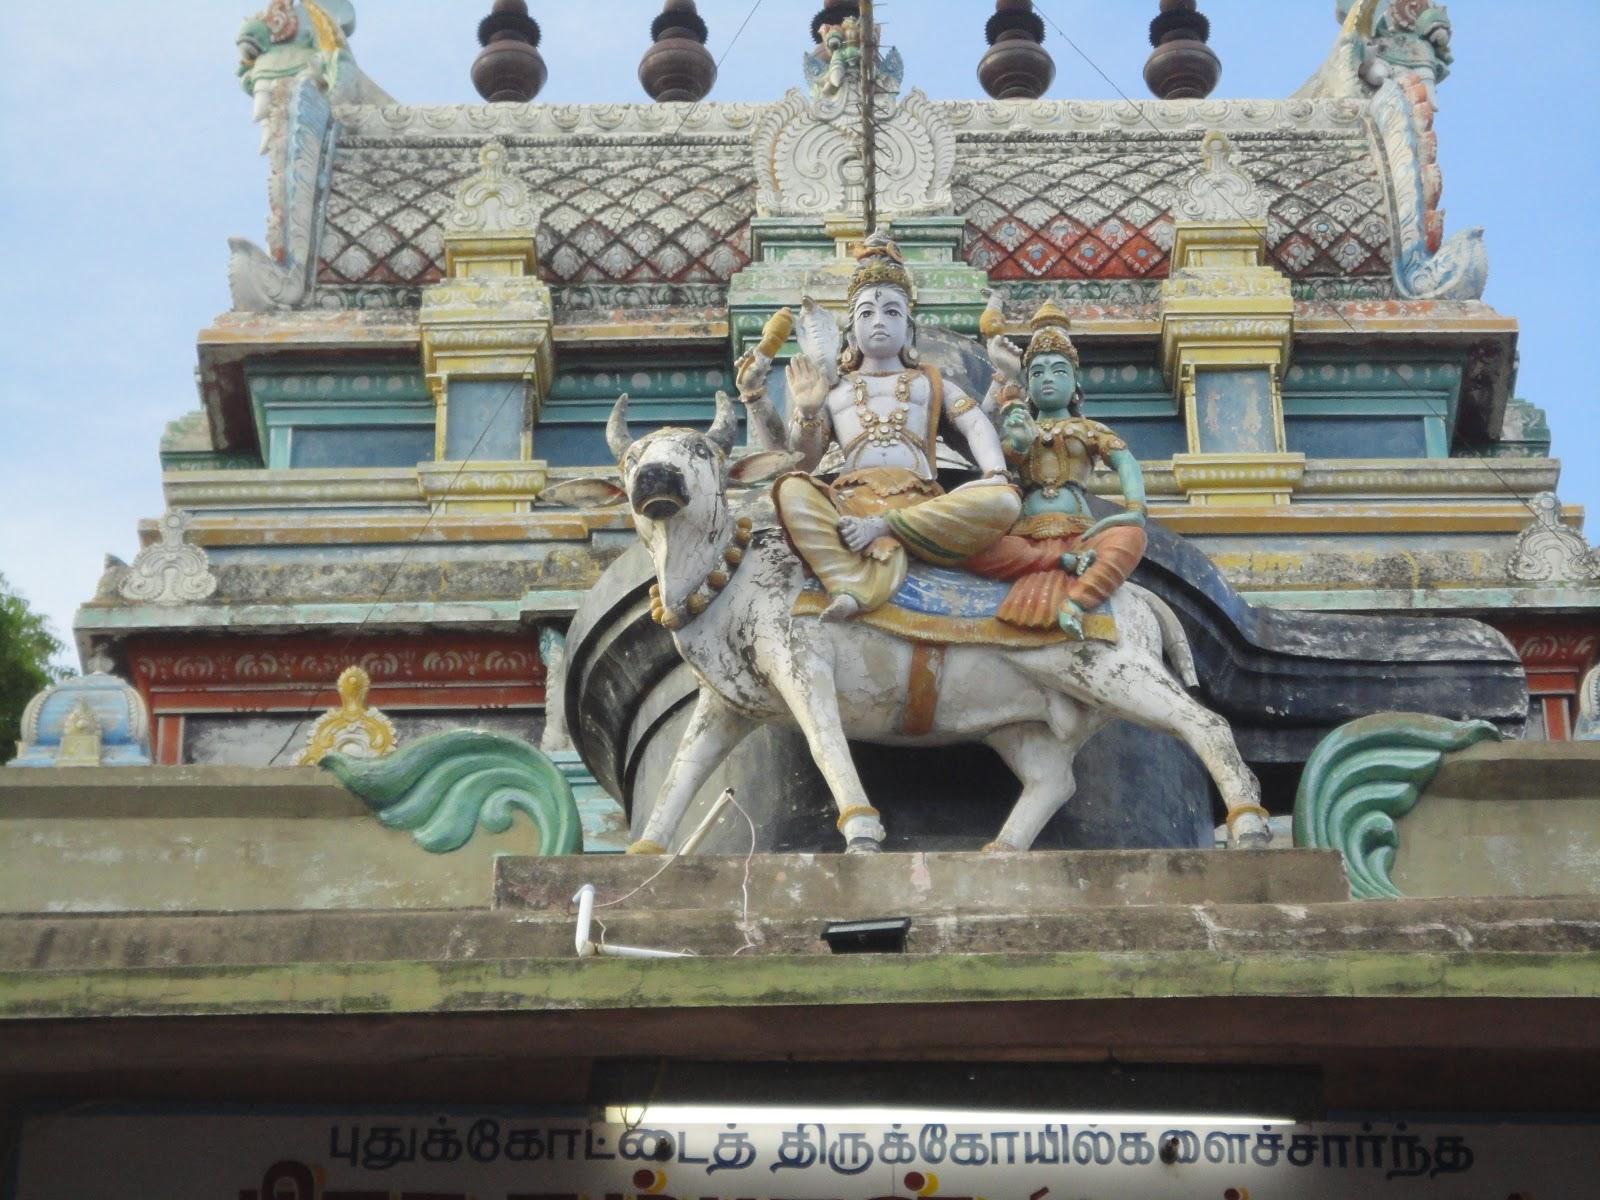 Holy Yearnings: Pootu(lock) Muniappan -The God who locks